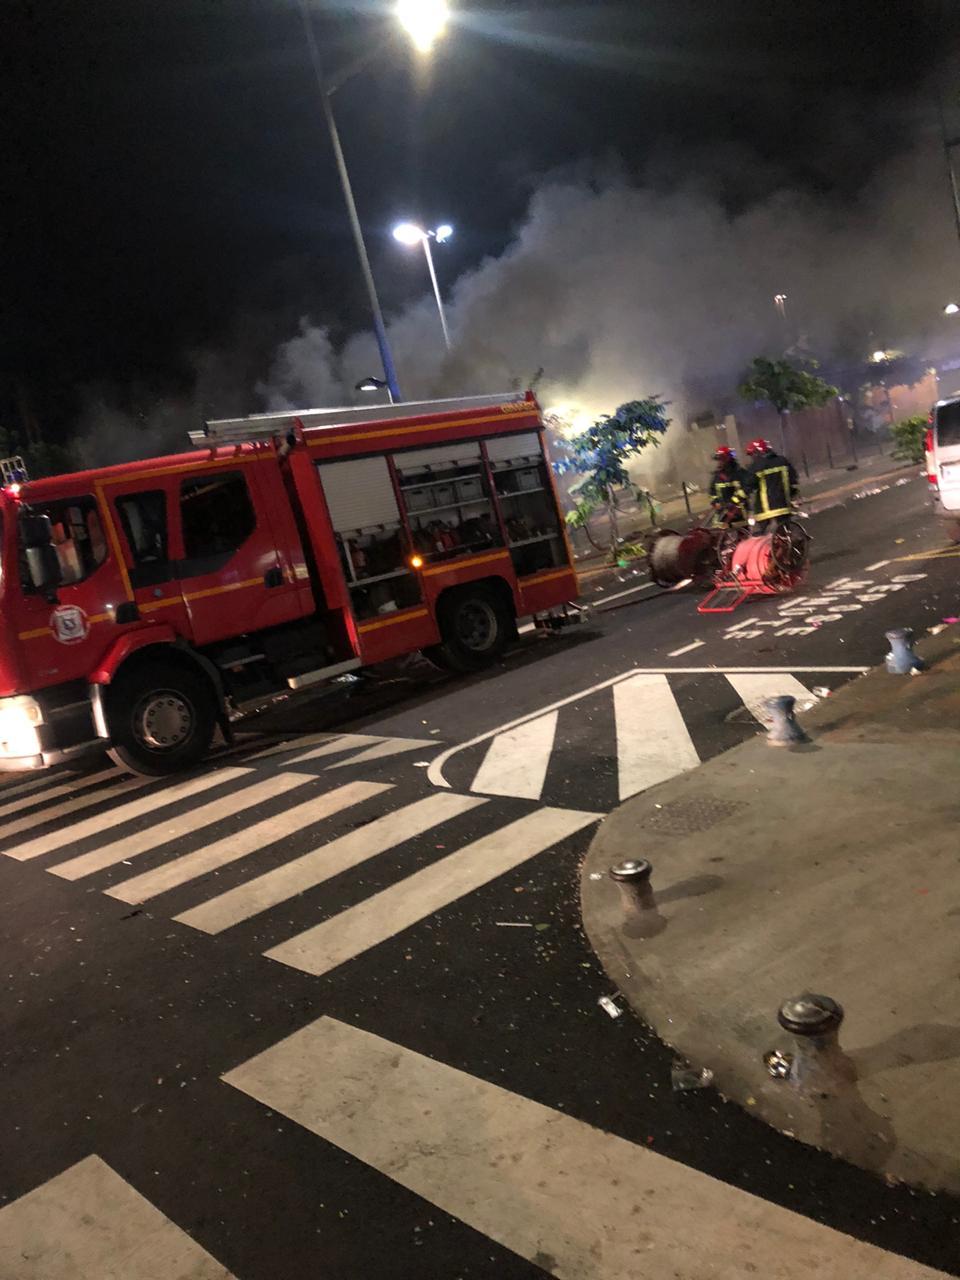 Dimanche gras agité pour les pompiers